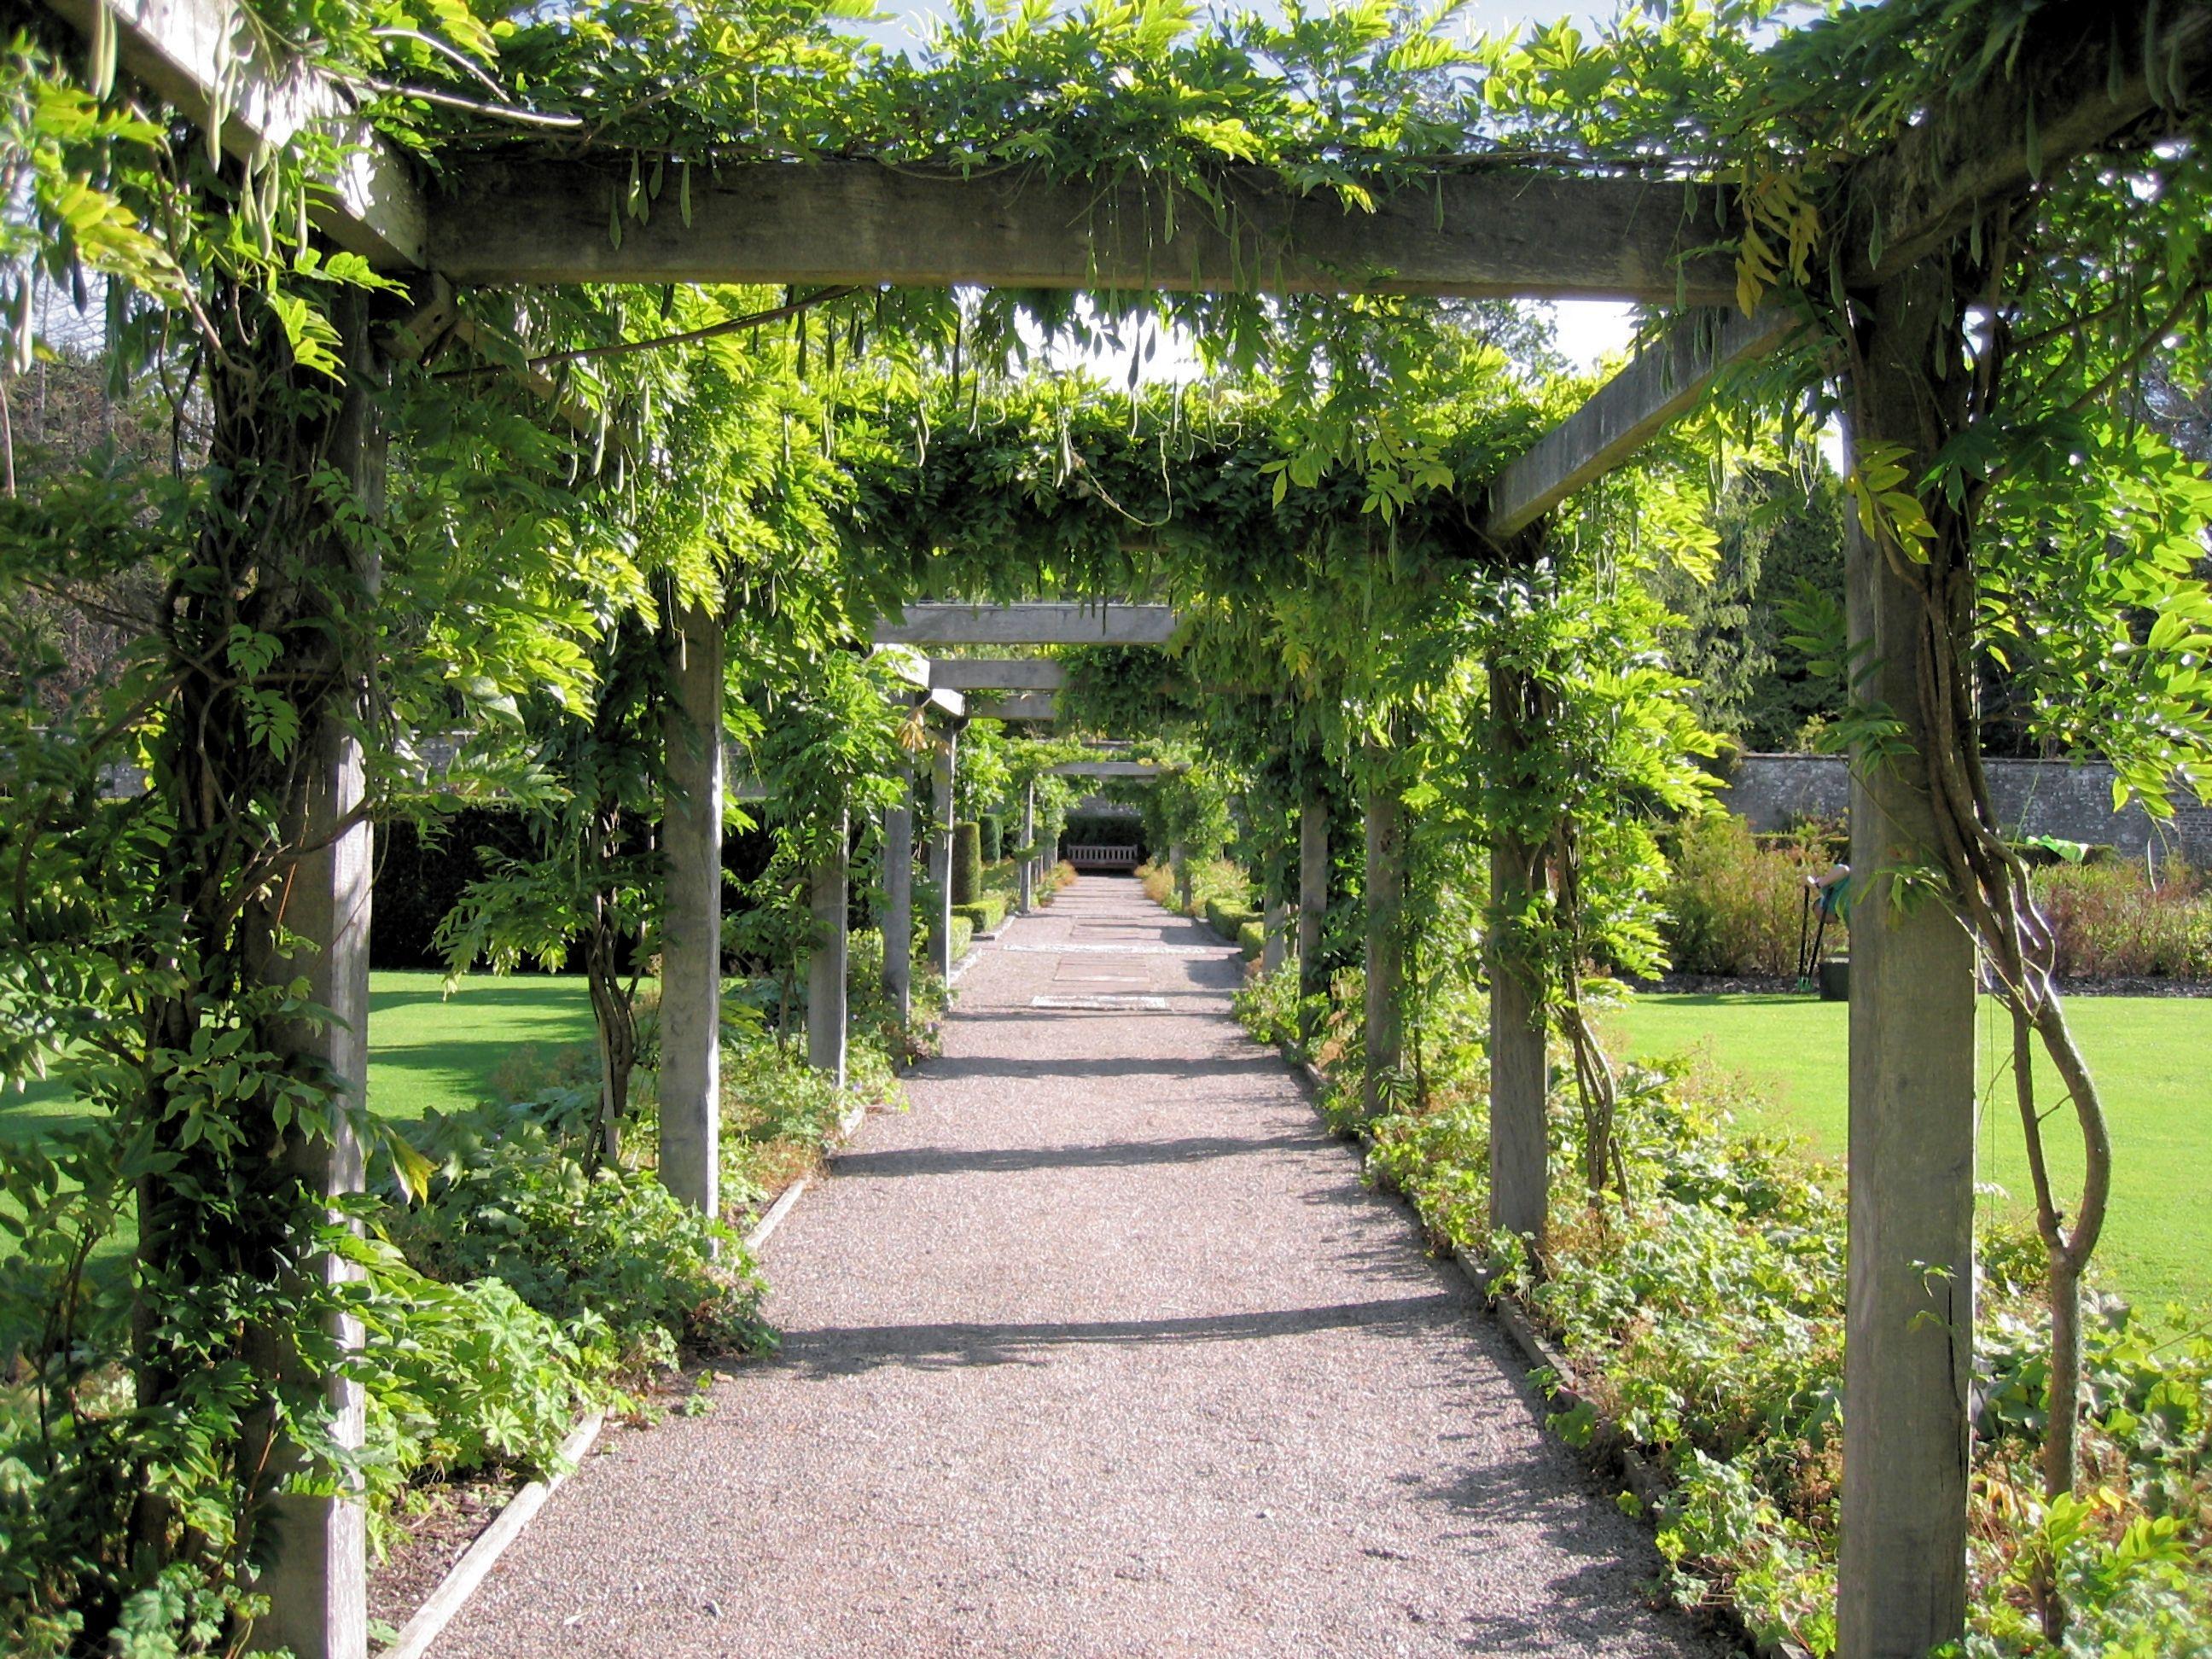 Paisajismo y dise o de jardines madrid poda y jard n - Diseno de jardines madrid ...